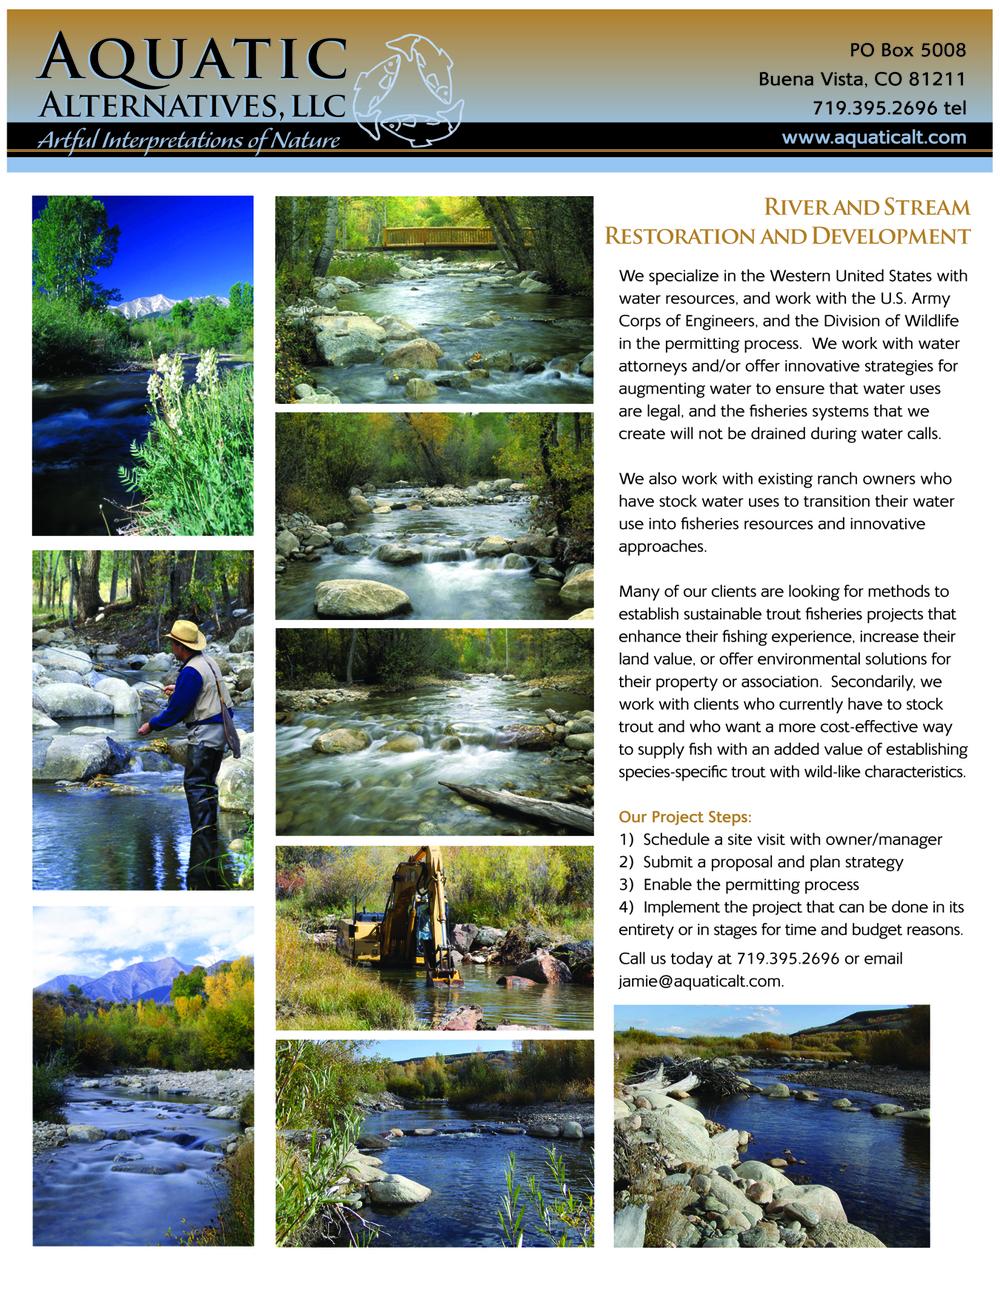 AA-Rivers-Streams2.jpg